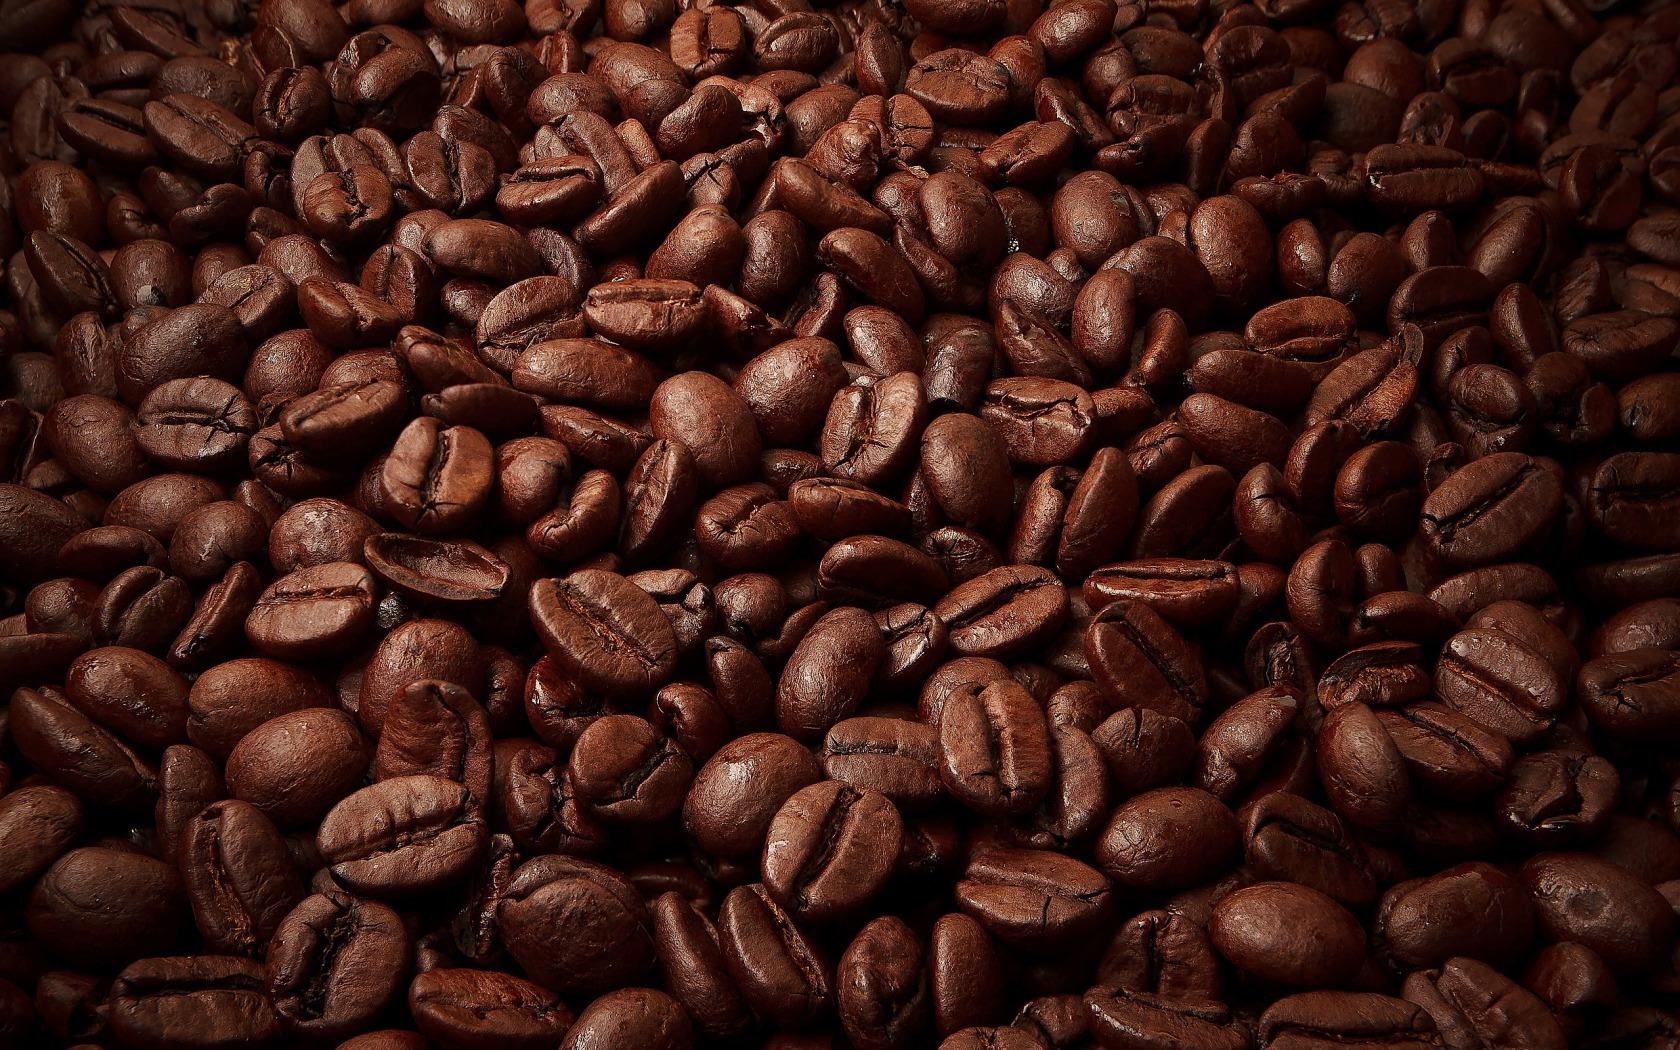 Кофе фоновая картинка